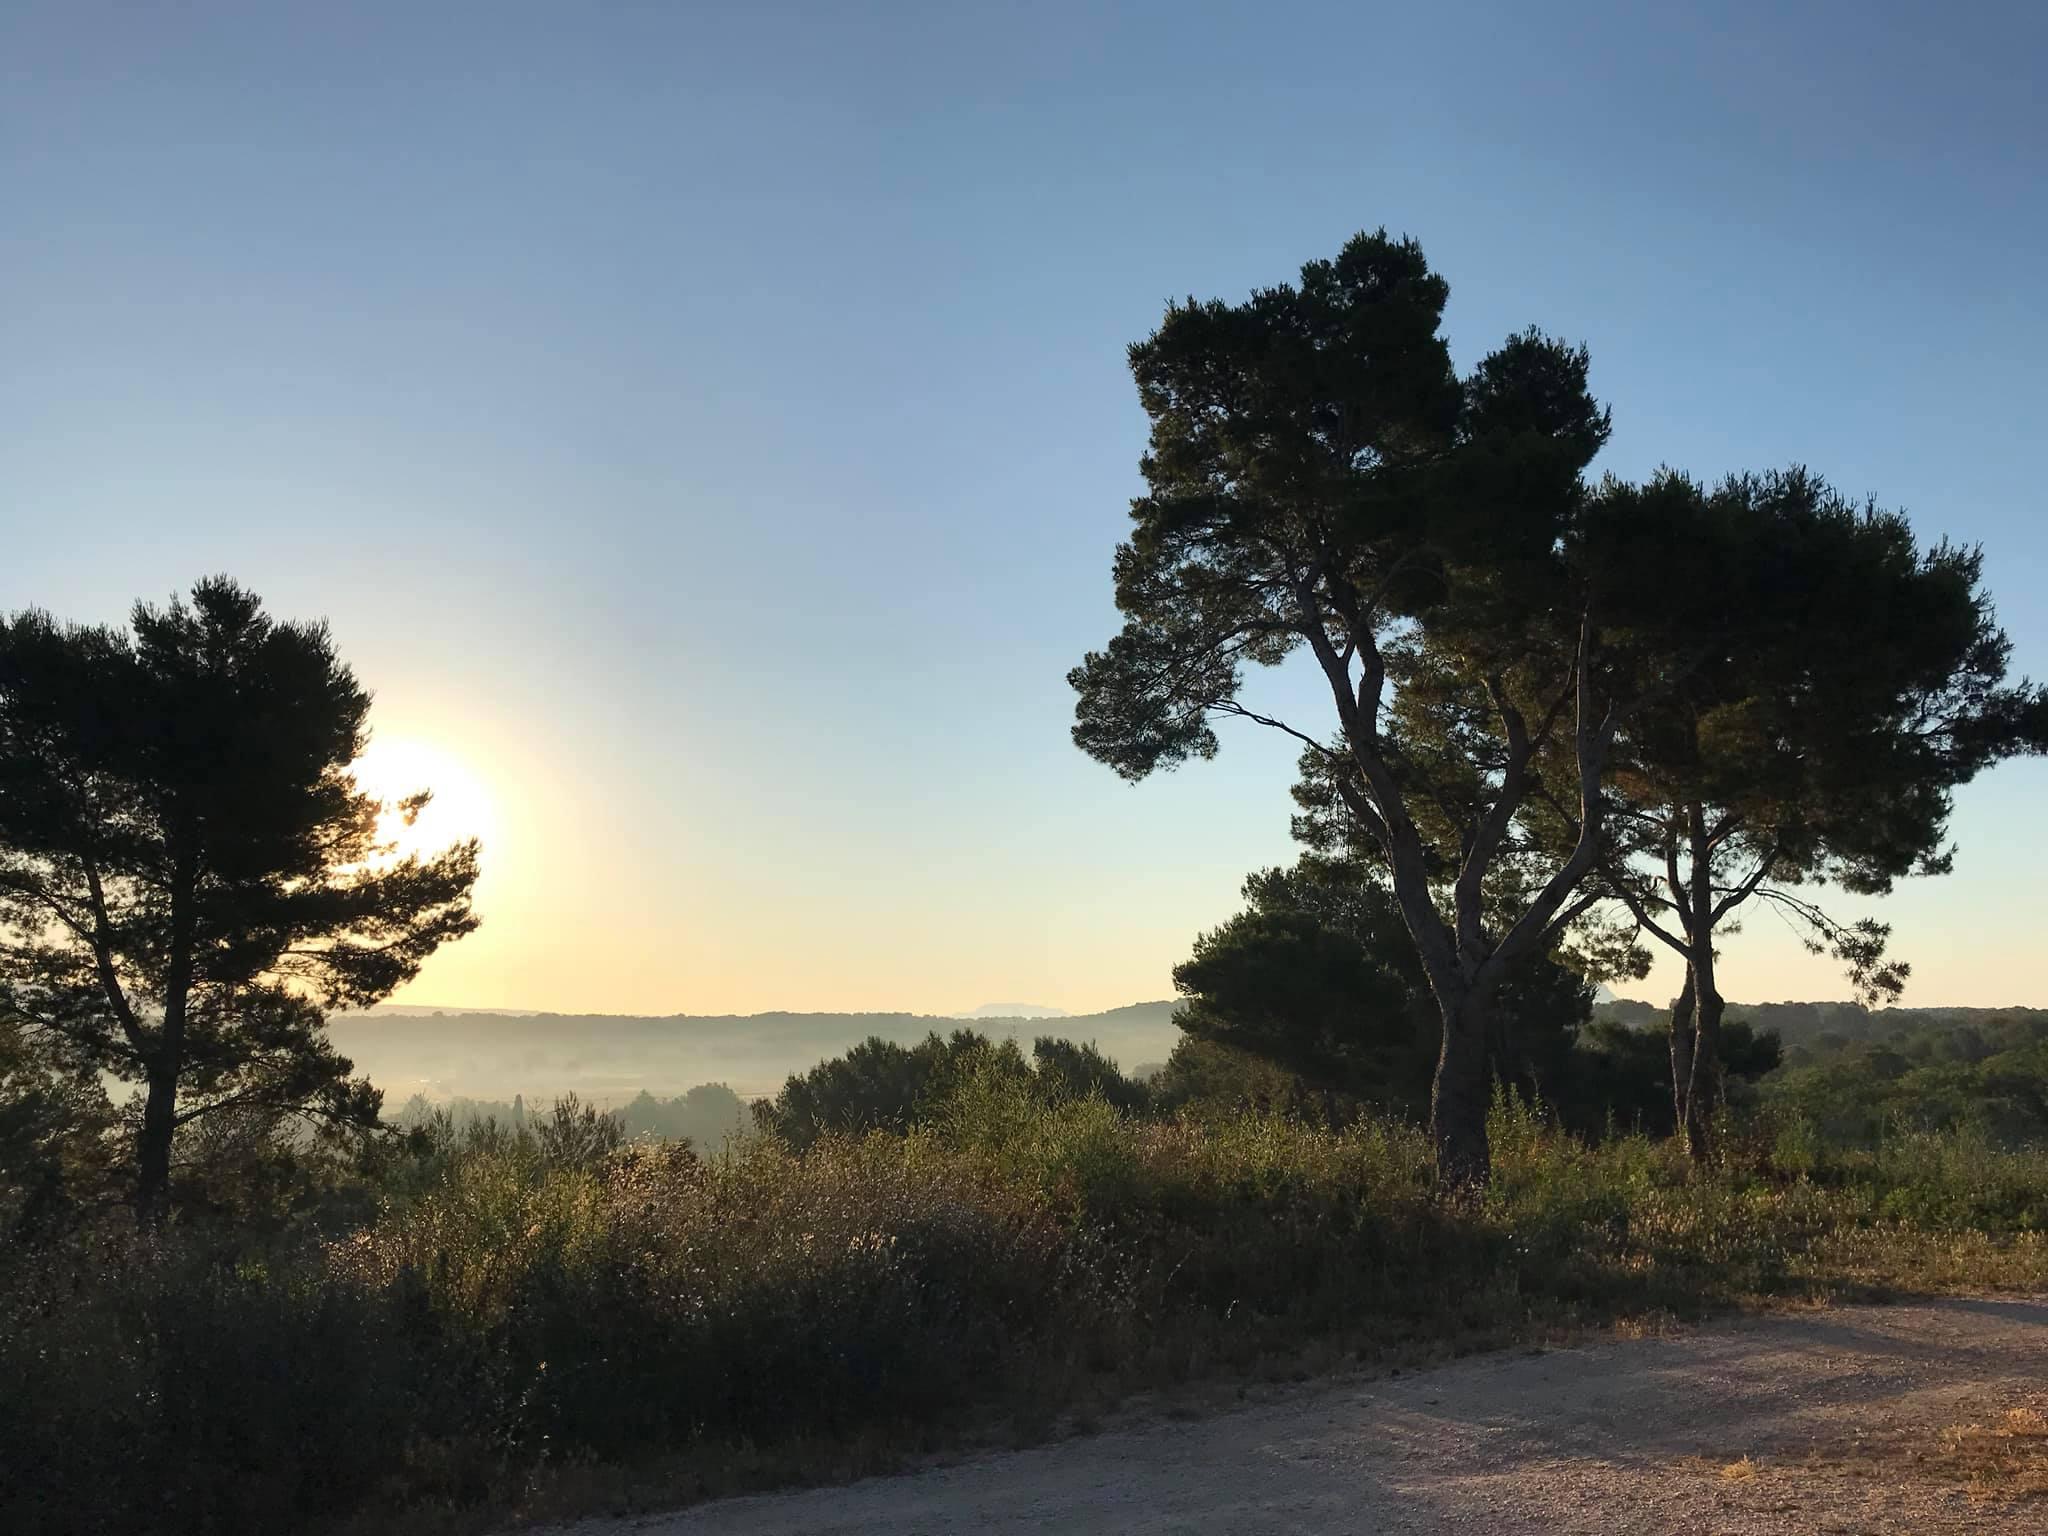 L'image contient peut-être: ciel, arbre, plein air et nature